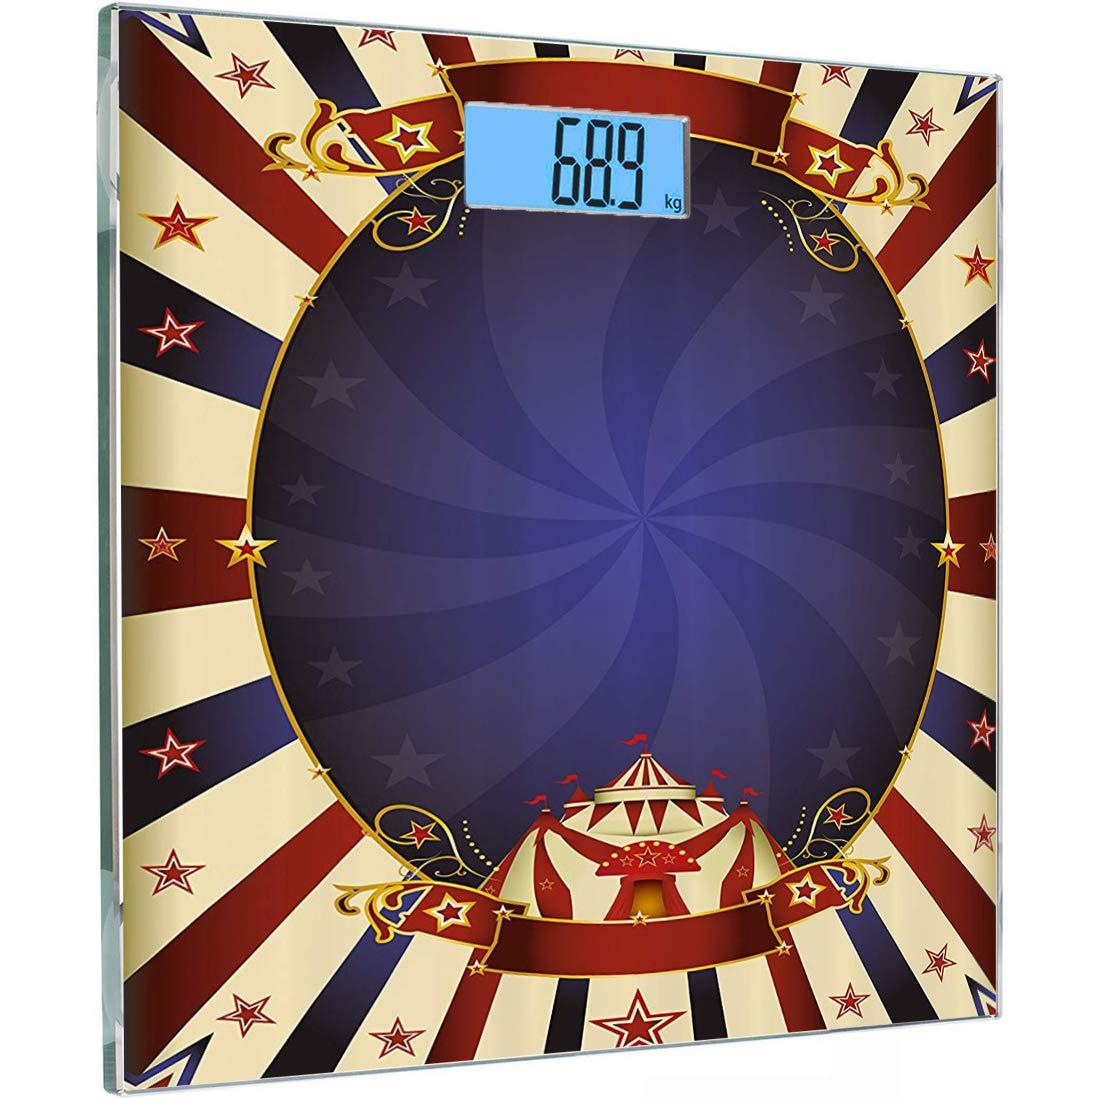 Escala digital de peso corporal de precisión Square Vendimia ...